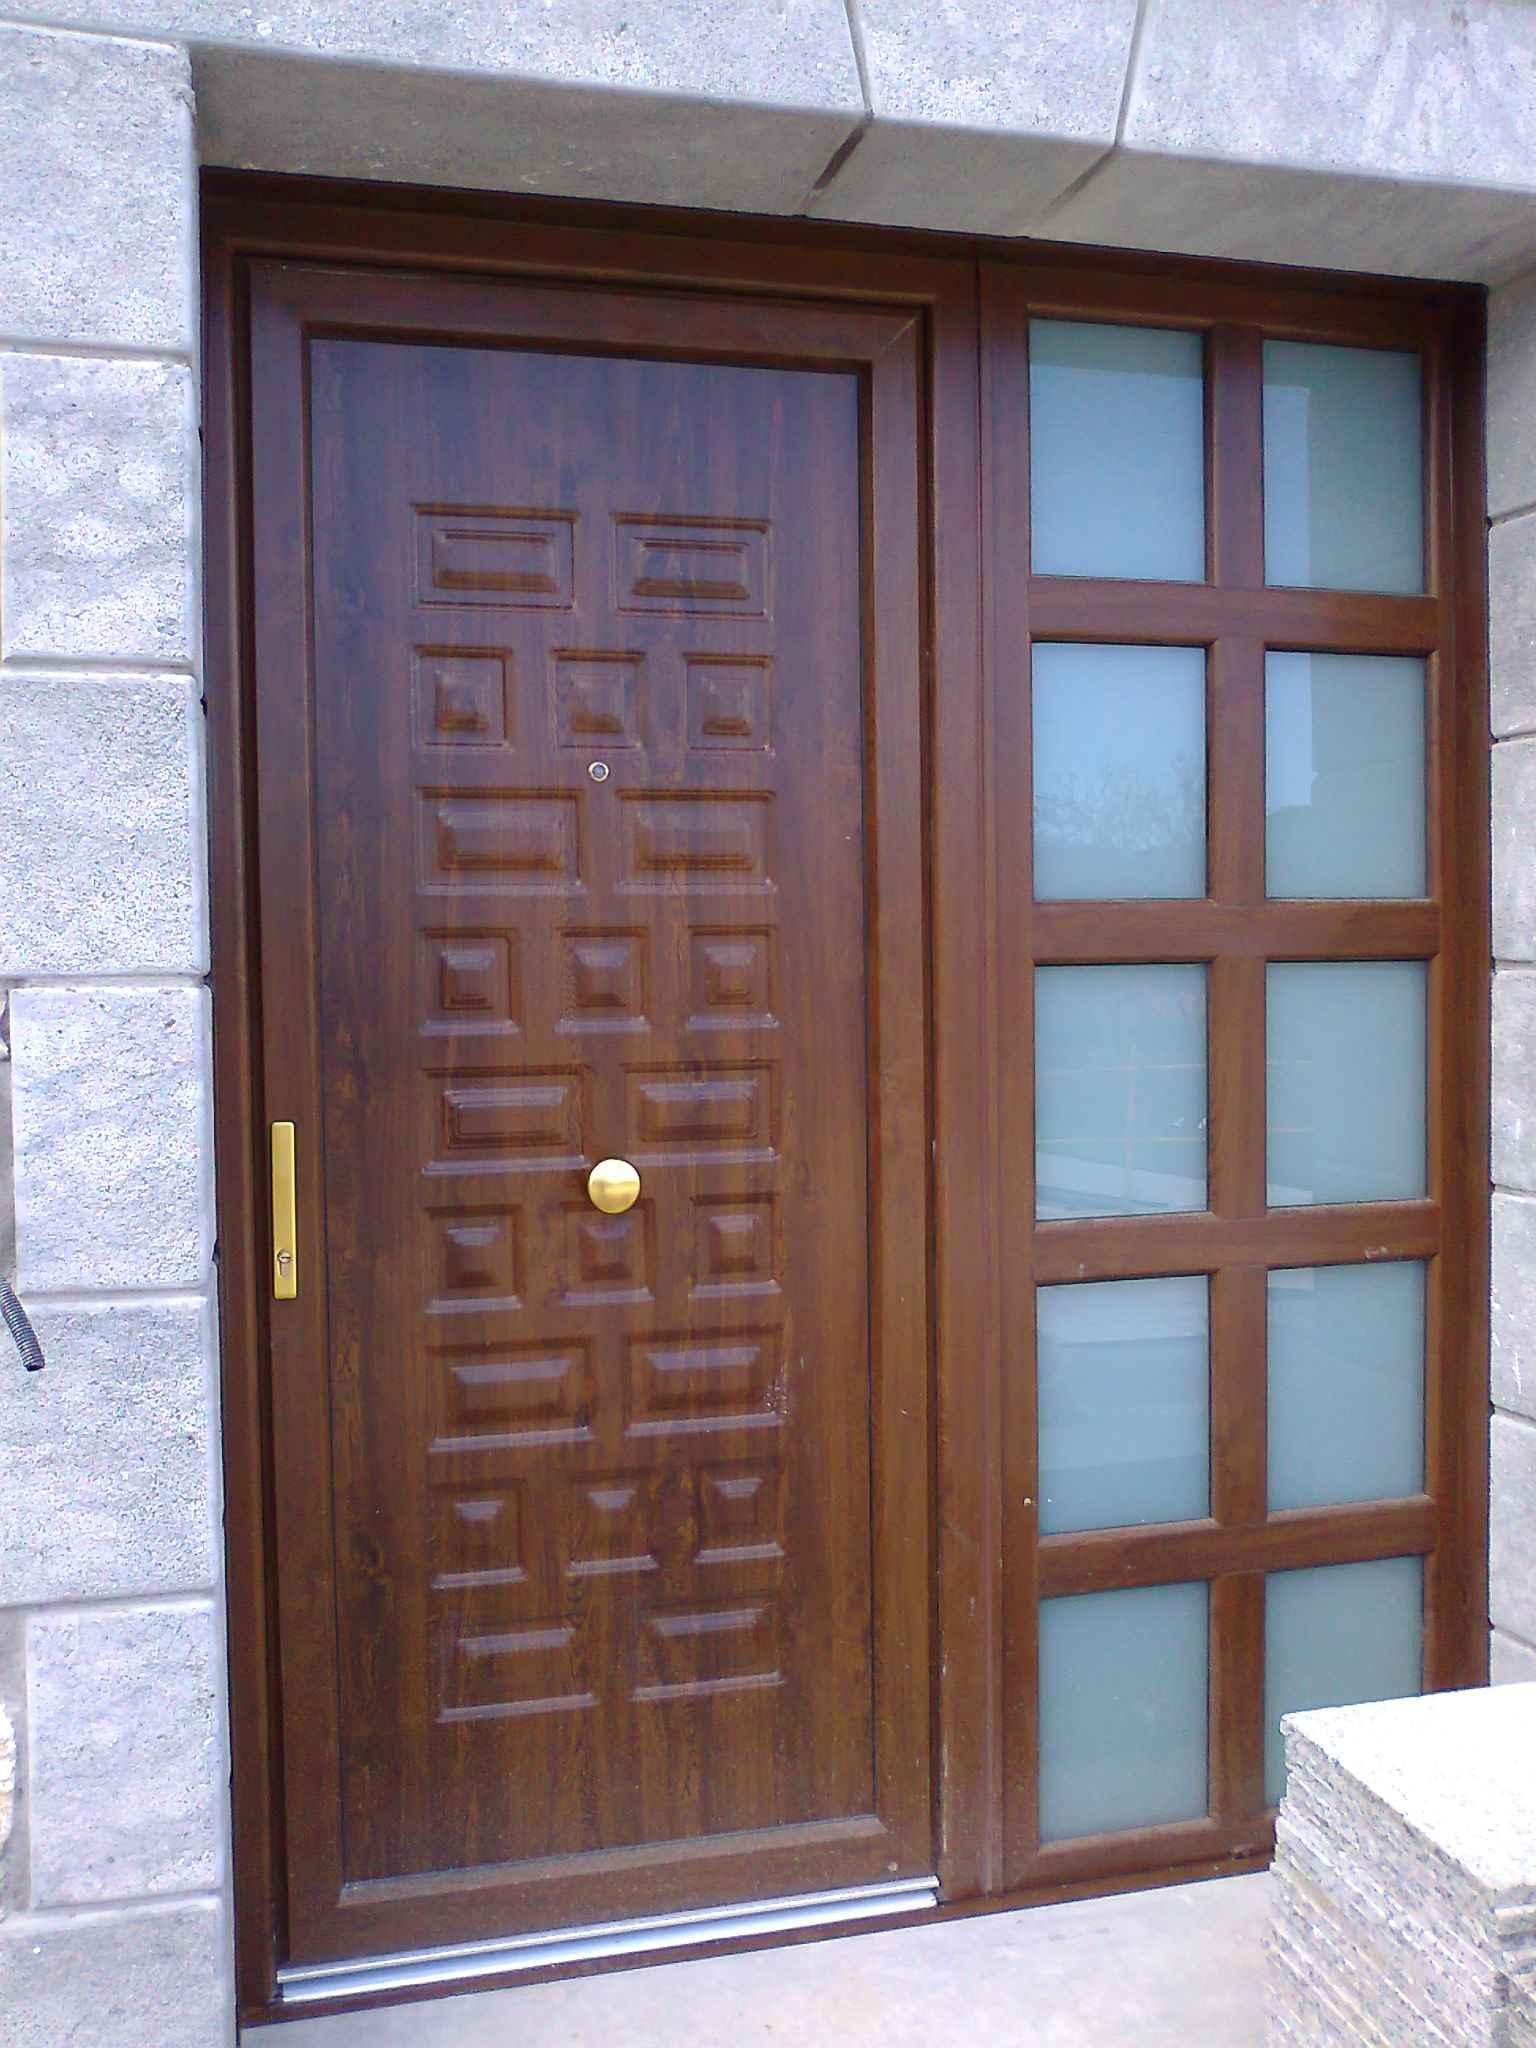 Puertas puertas y ventanas de madera en puerto rico la - Puertas en madera ...